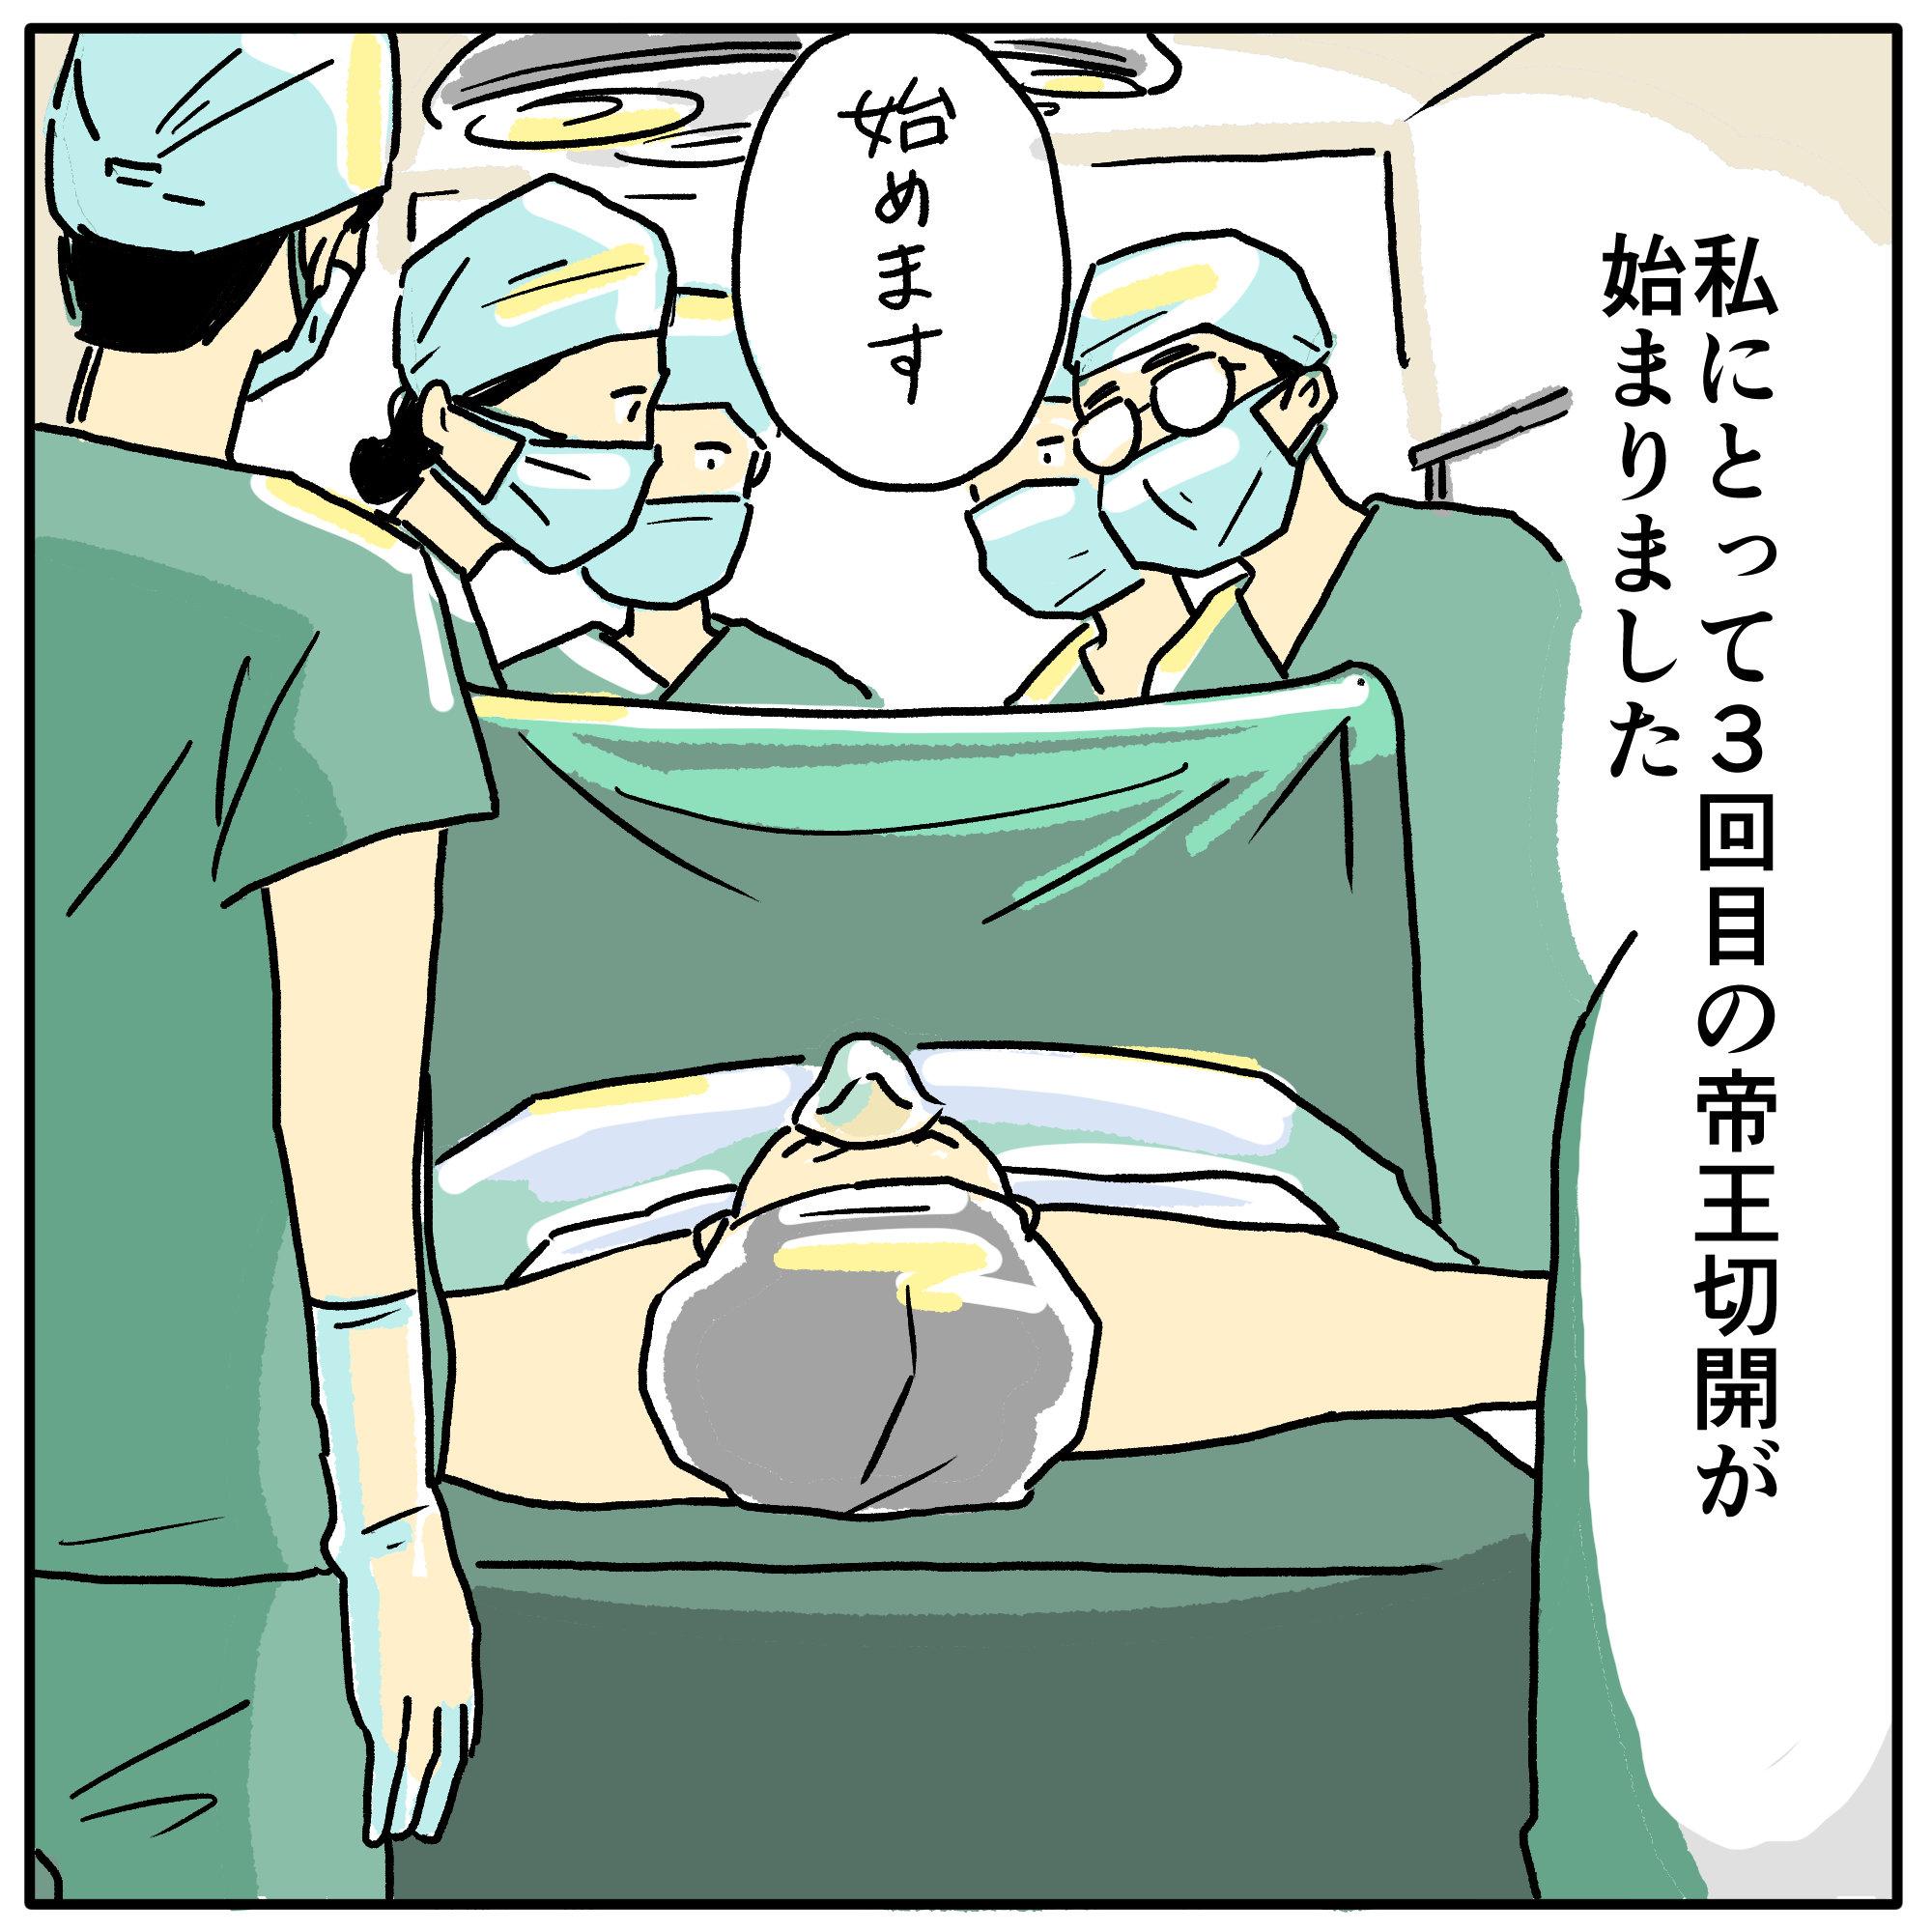 #5 帝王切開がついにスタート!手術中のママの気持ちとは一体?